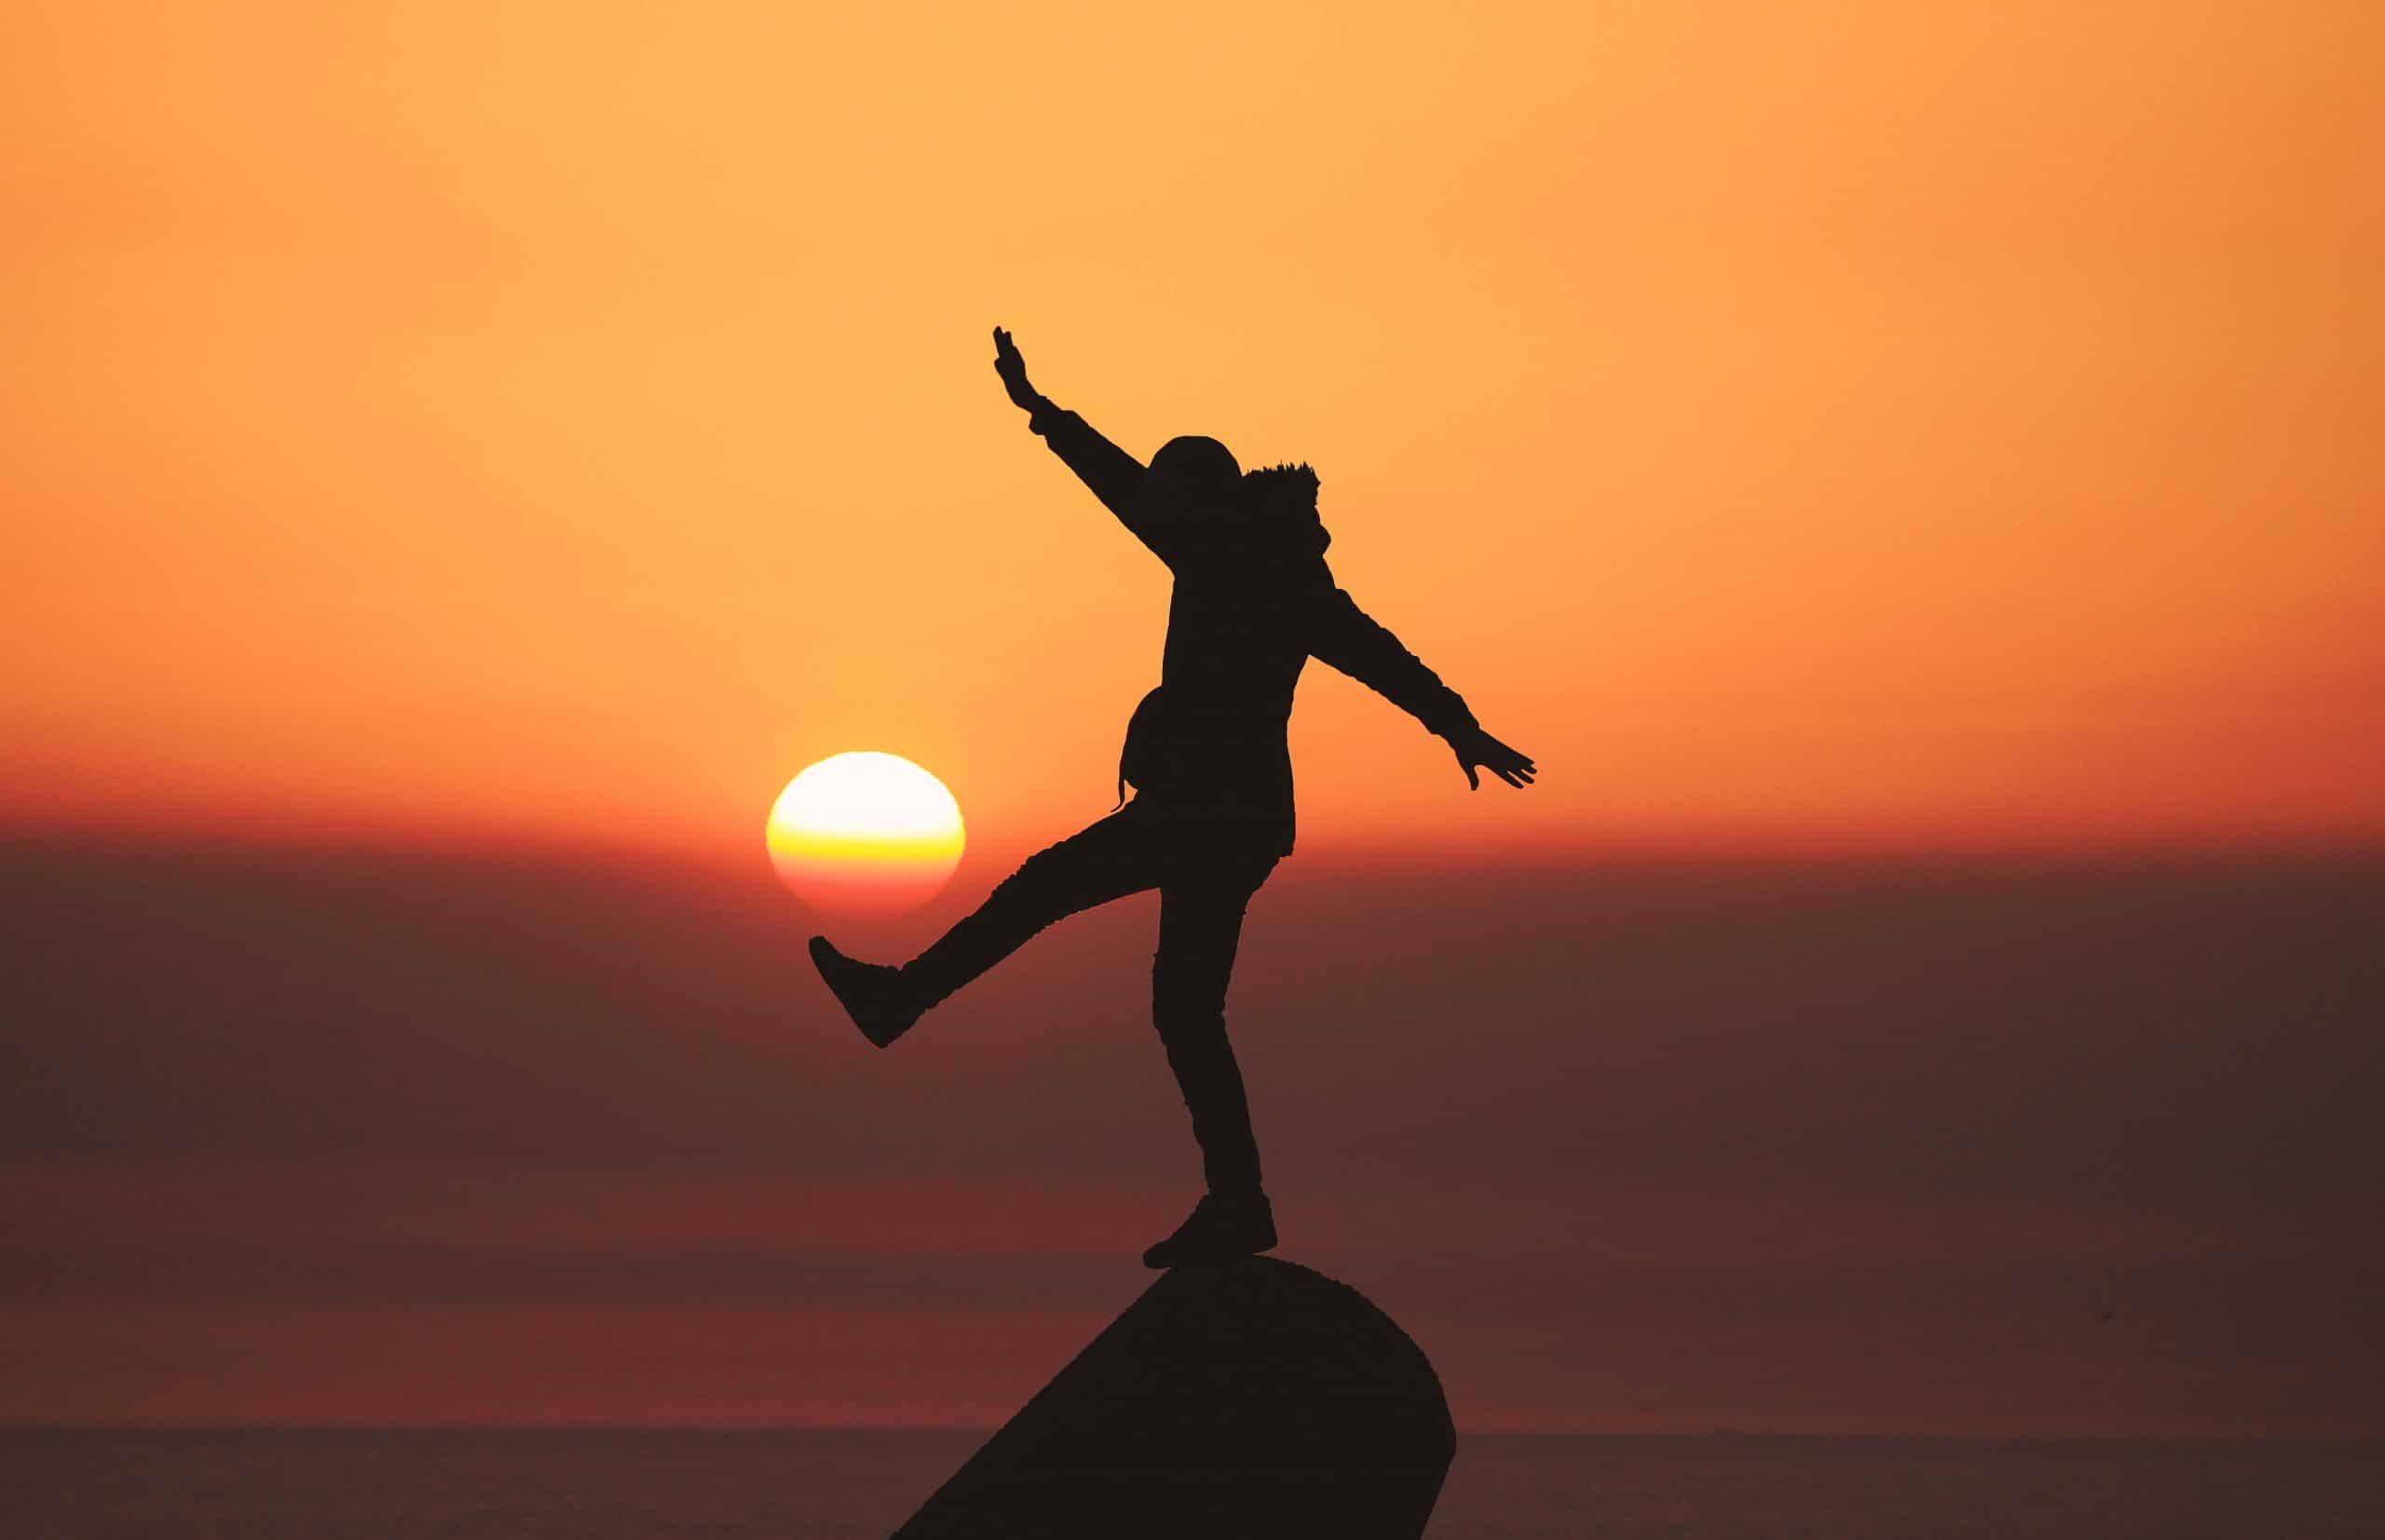 Silhueta de um homem em pé em um lugar alto, à frente de uma paisagem com pôr do sol. O homem tem seus braços abertos e um dos pés para a frente.